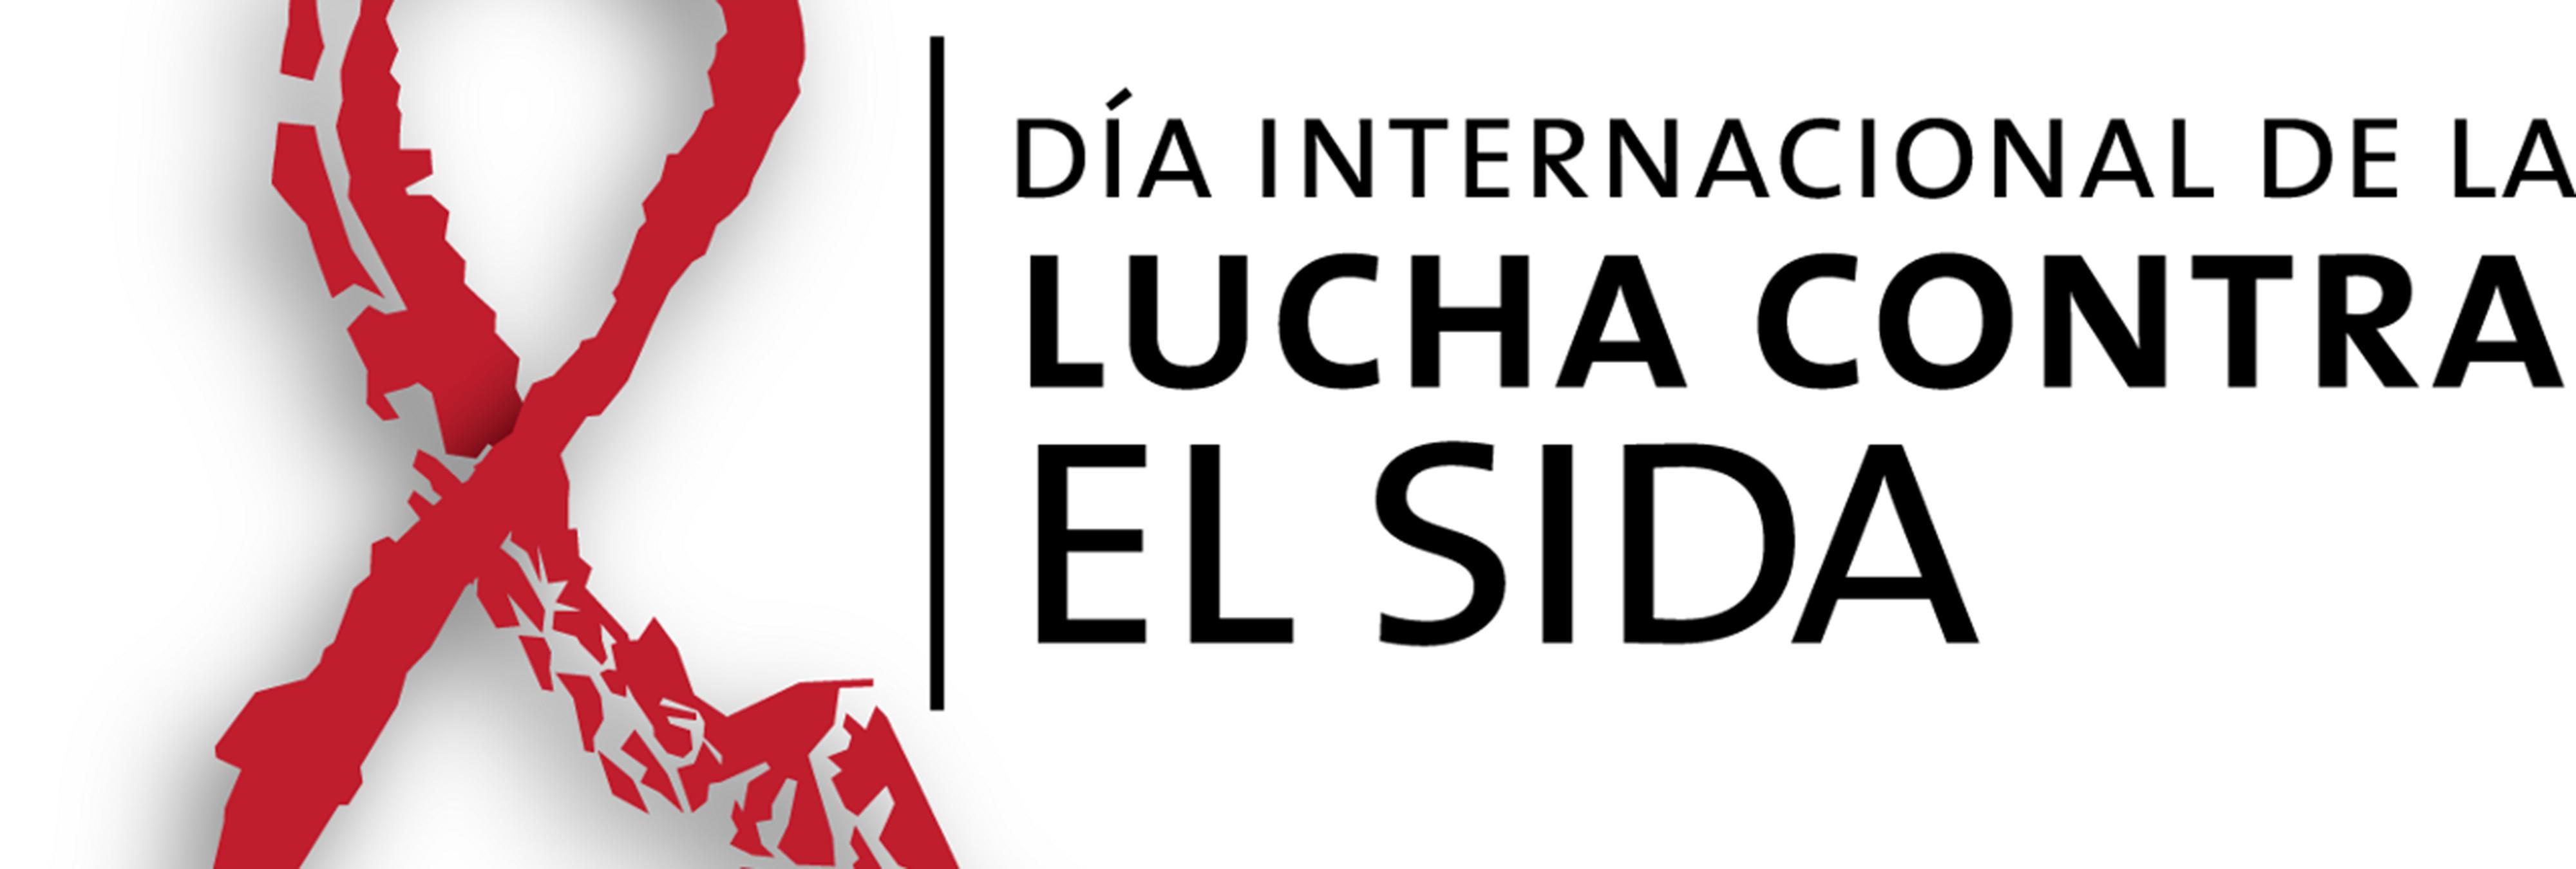 Día Mundial de la Lucha contra el Sida: una enfermedad estigmatizada